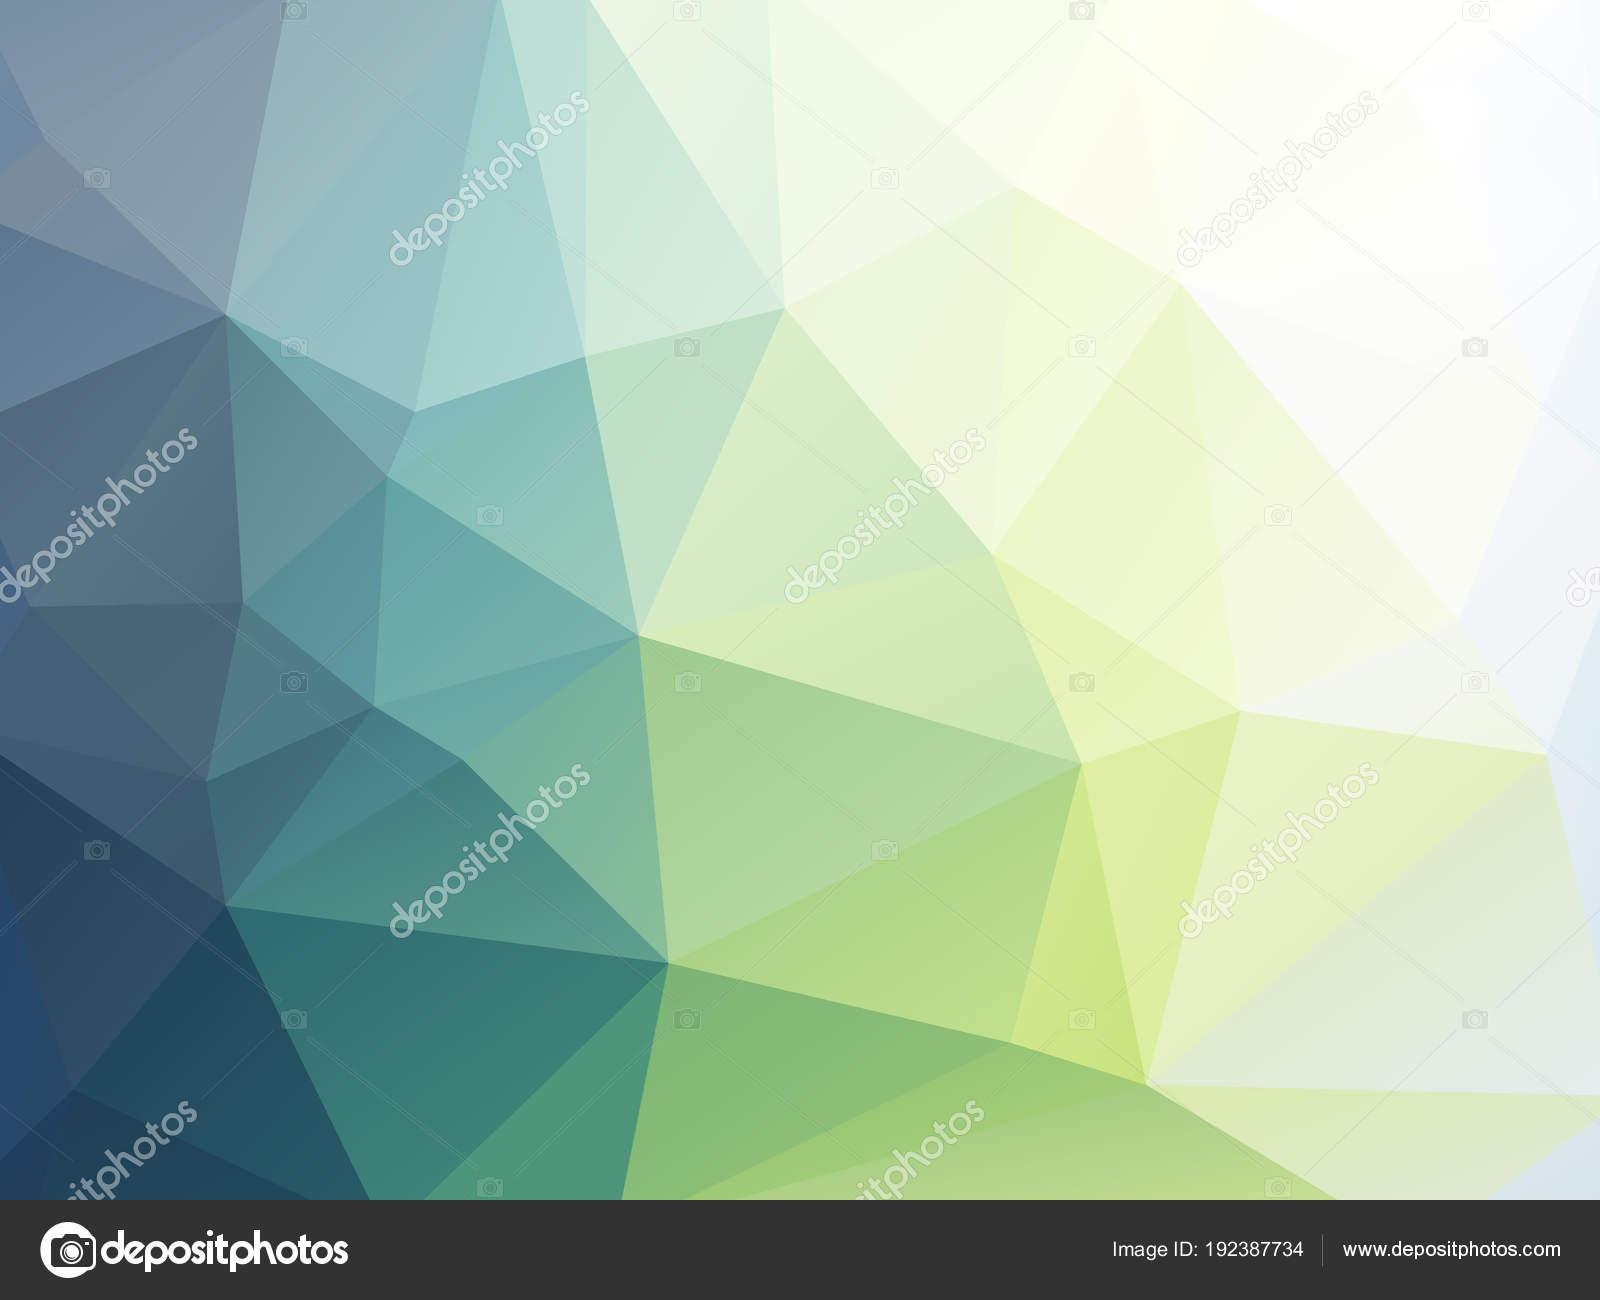 Doux Papier Peint Geometrique Triangulaire Vert Image Vectorielle